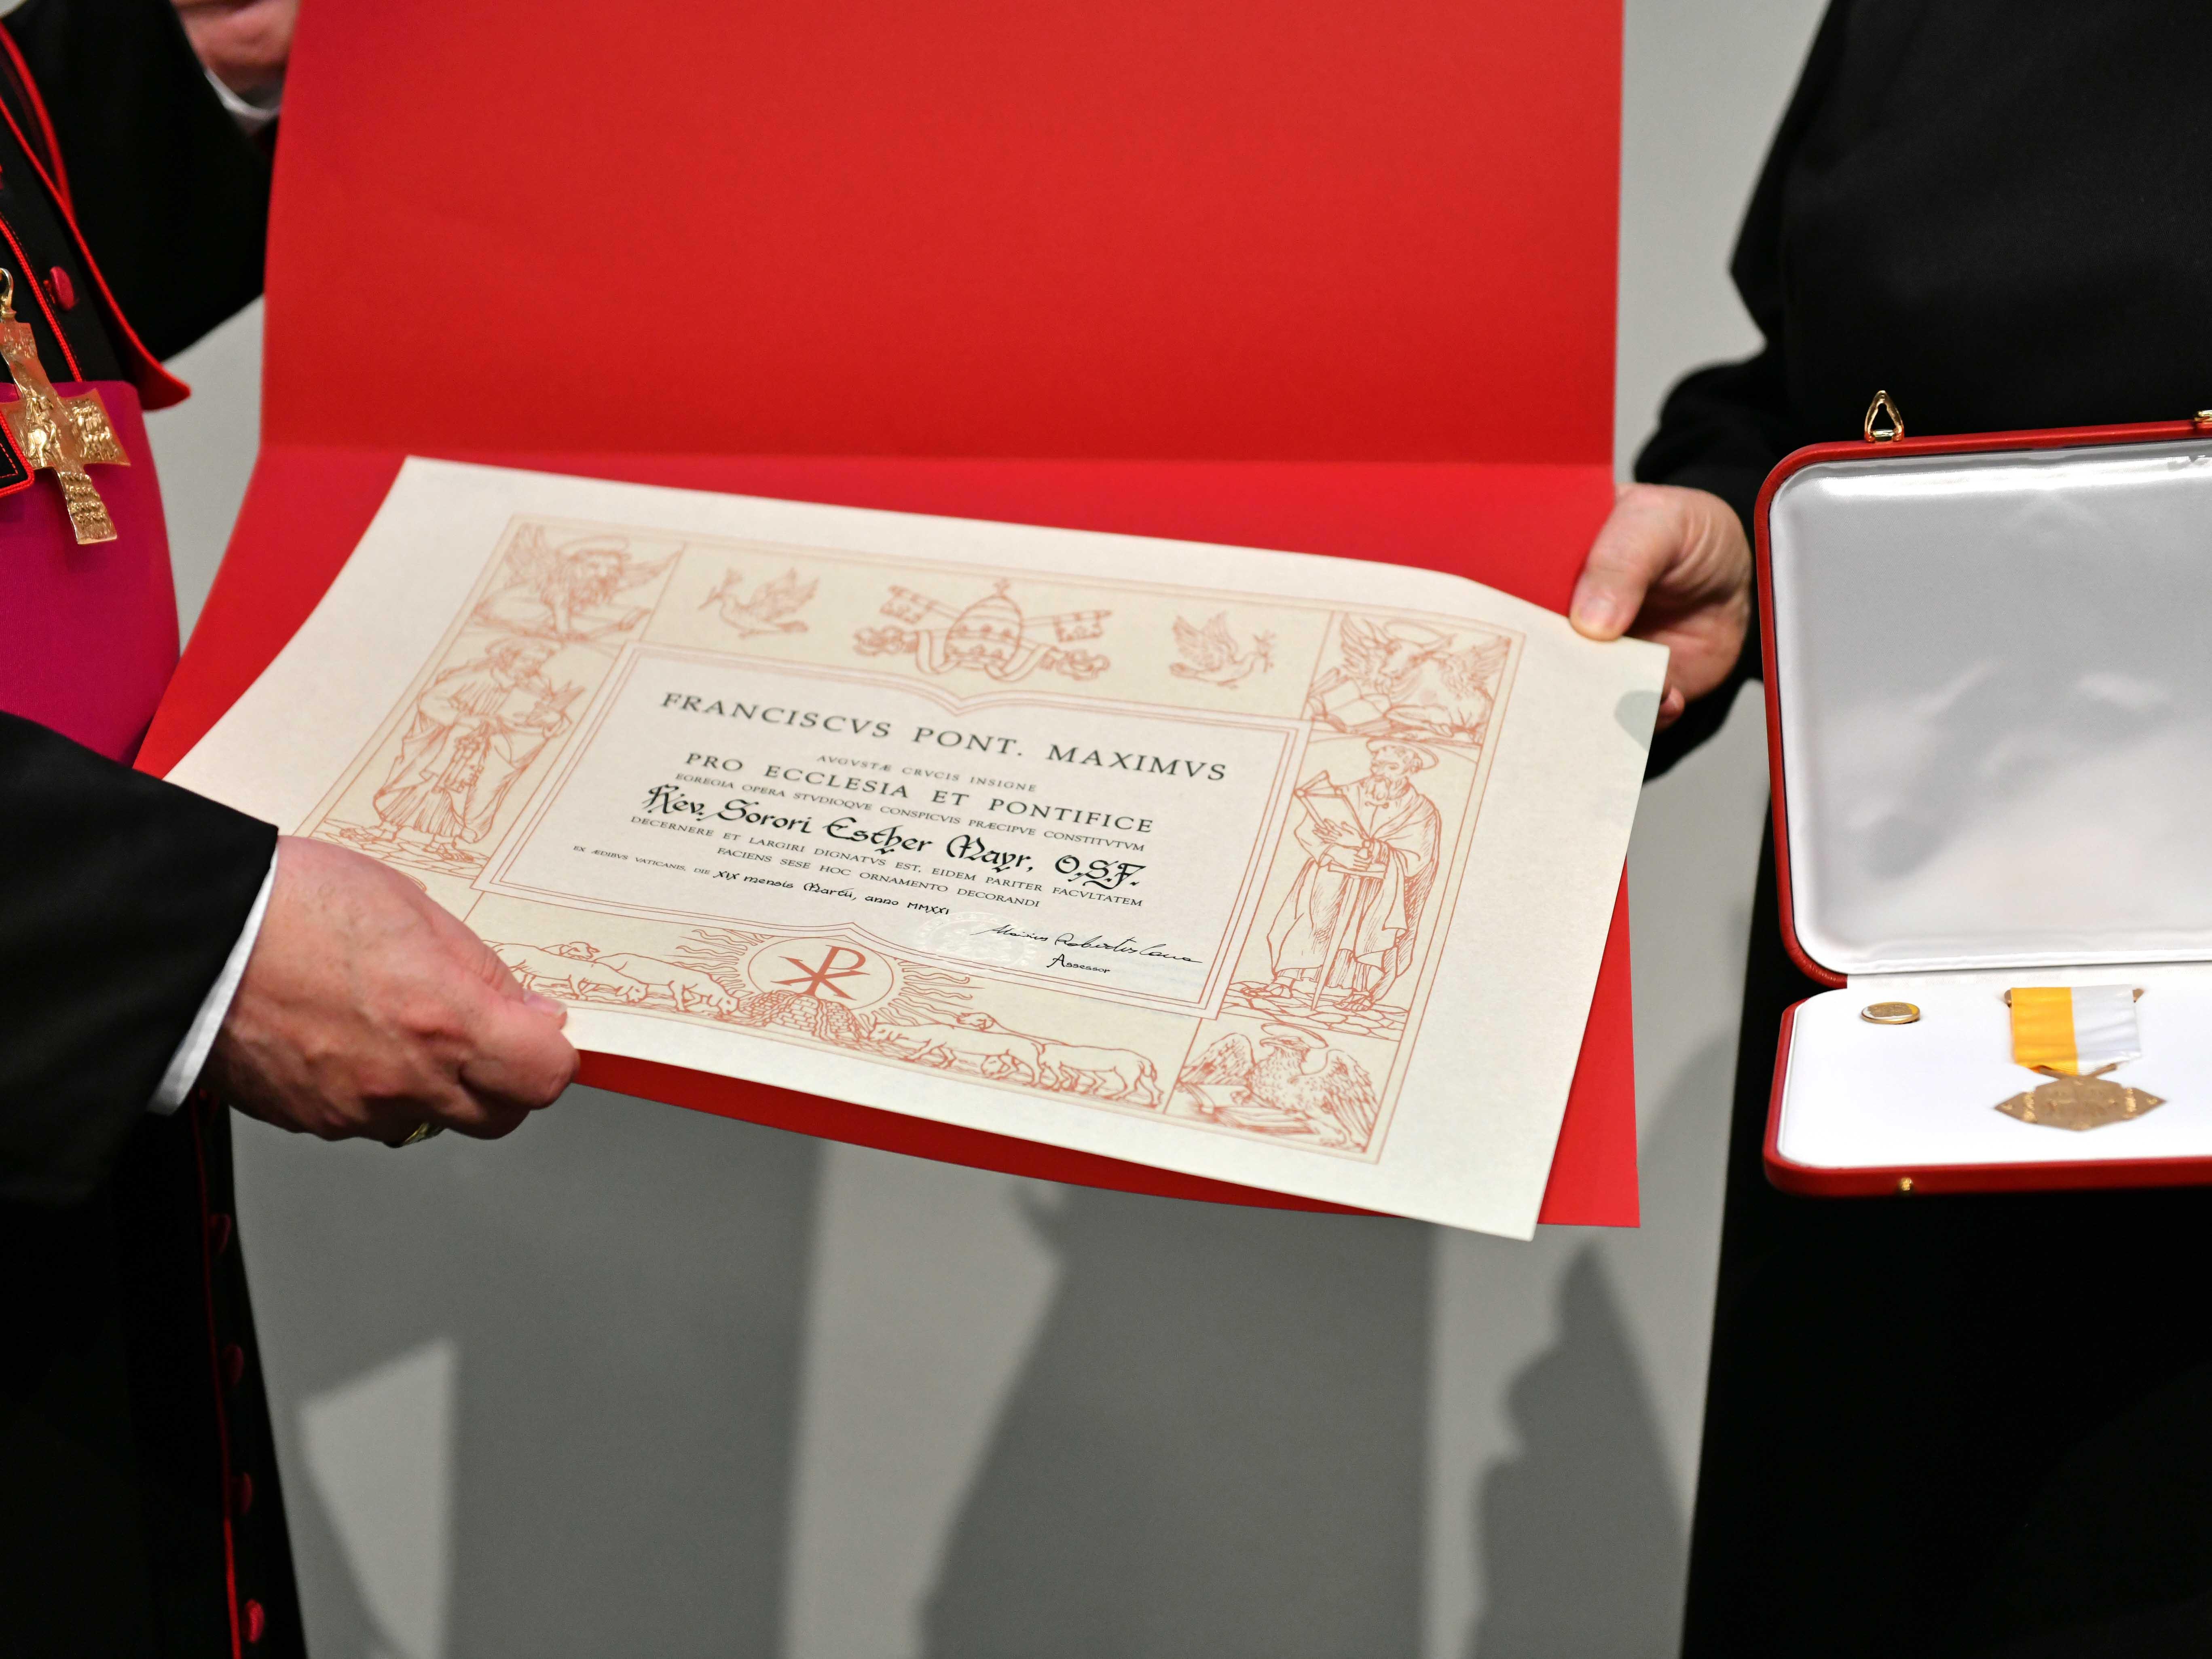 Das Päpstliche Ehrenzeichen Pro Ecclesia et Pontifice für Sr. M. Esther Mayr OSF. Aus gesundheitlichen Gründen konnte sie nicht anwesend sein. (Foto: Nicolas Schnall / pba)